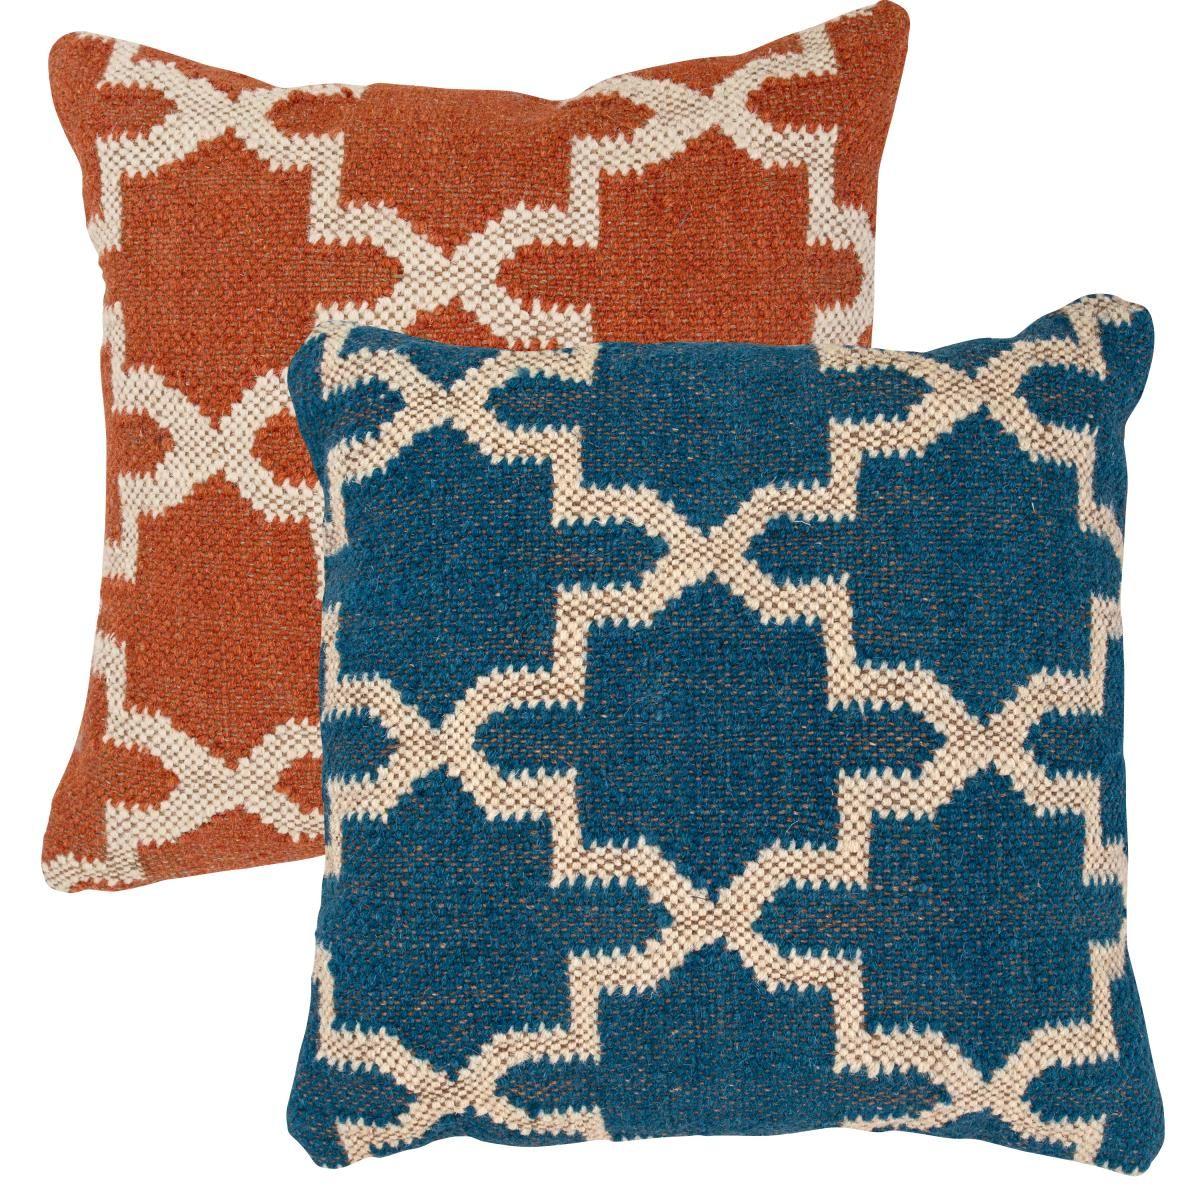 Rani Kilim Cushion